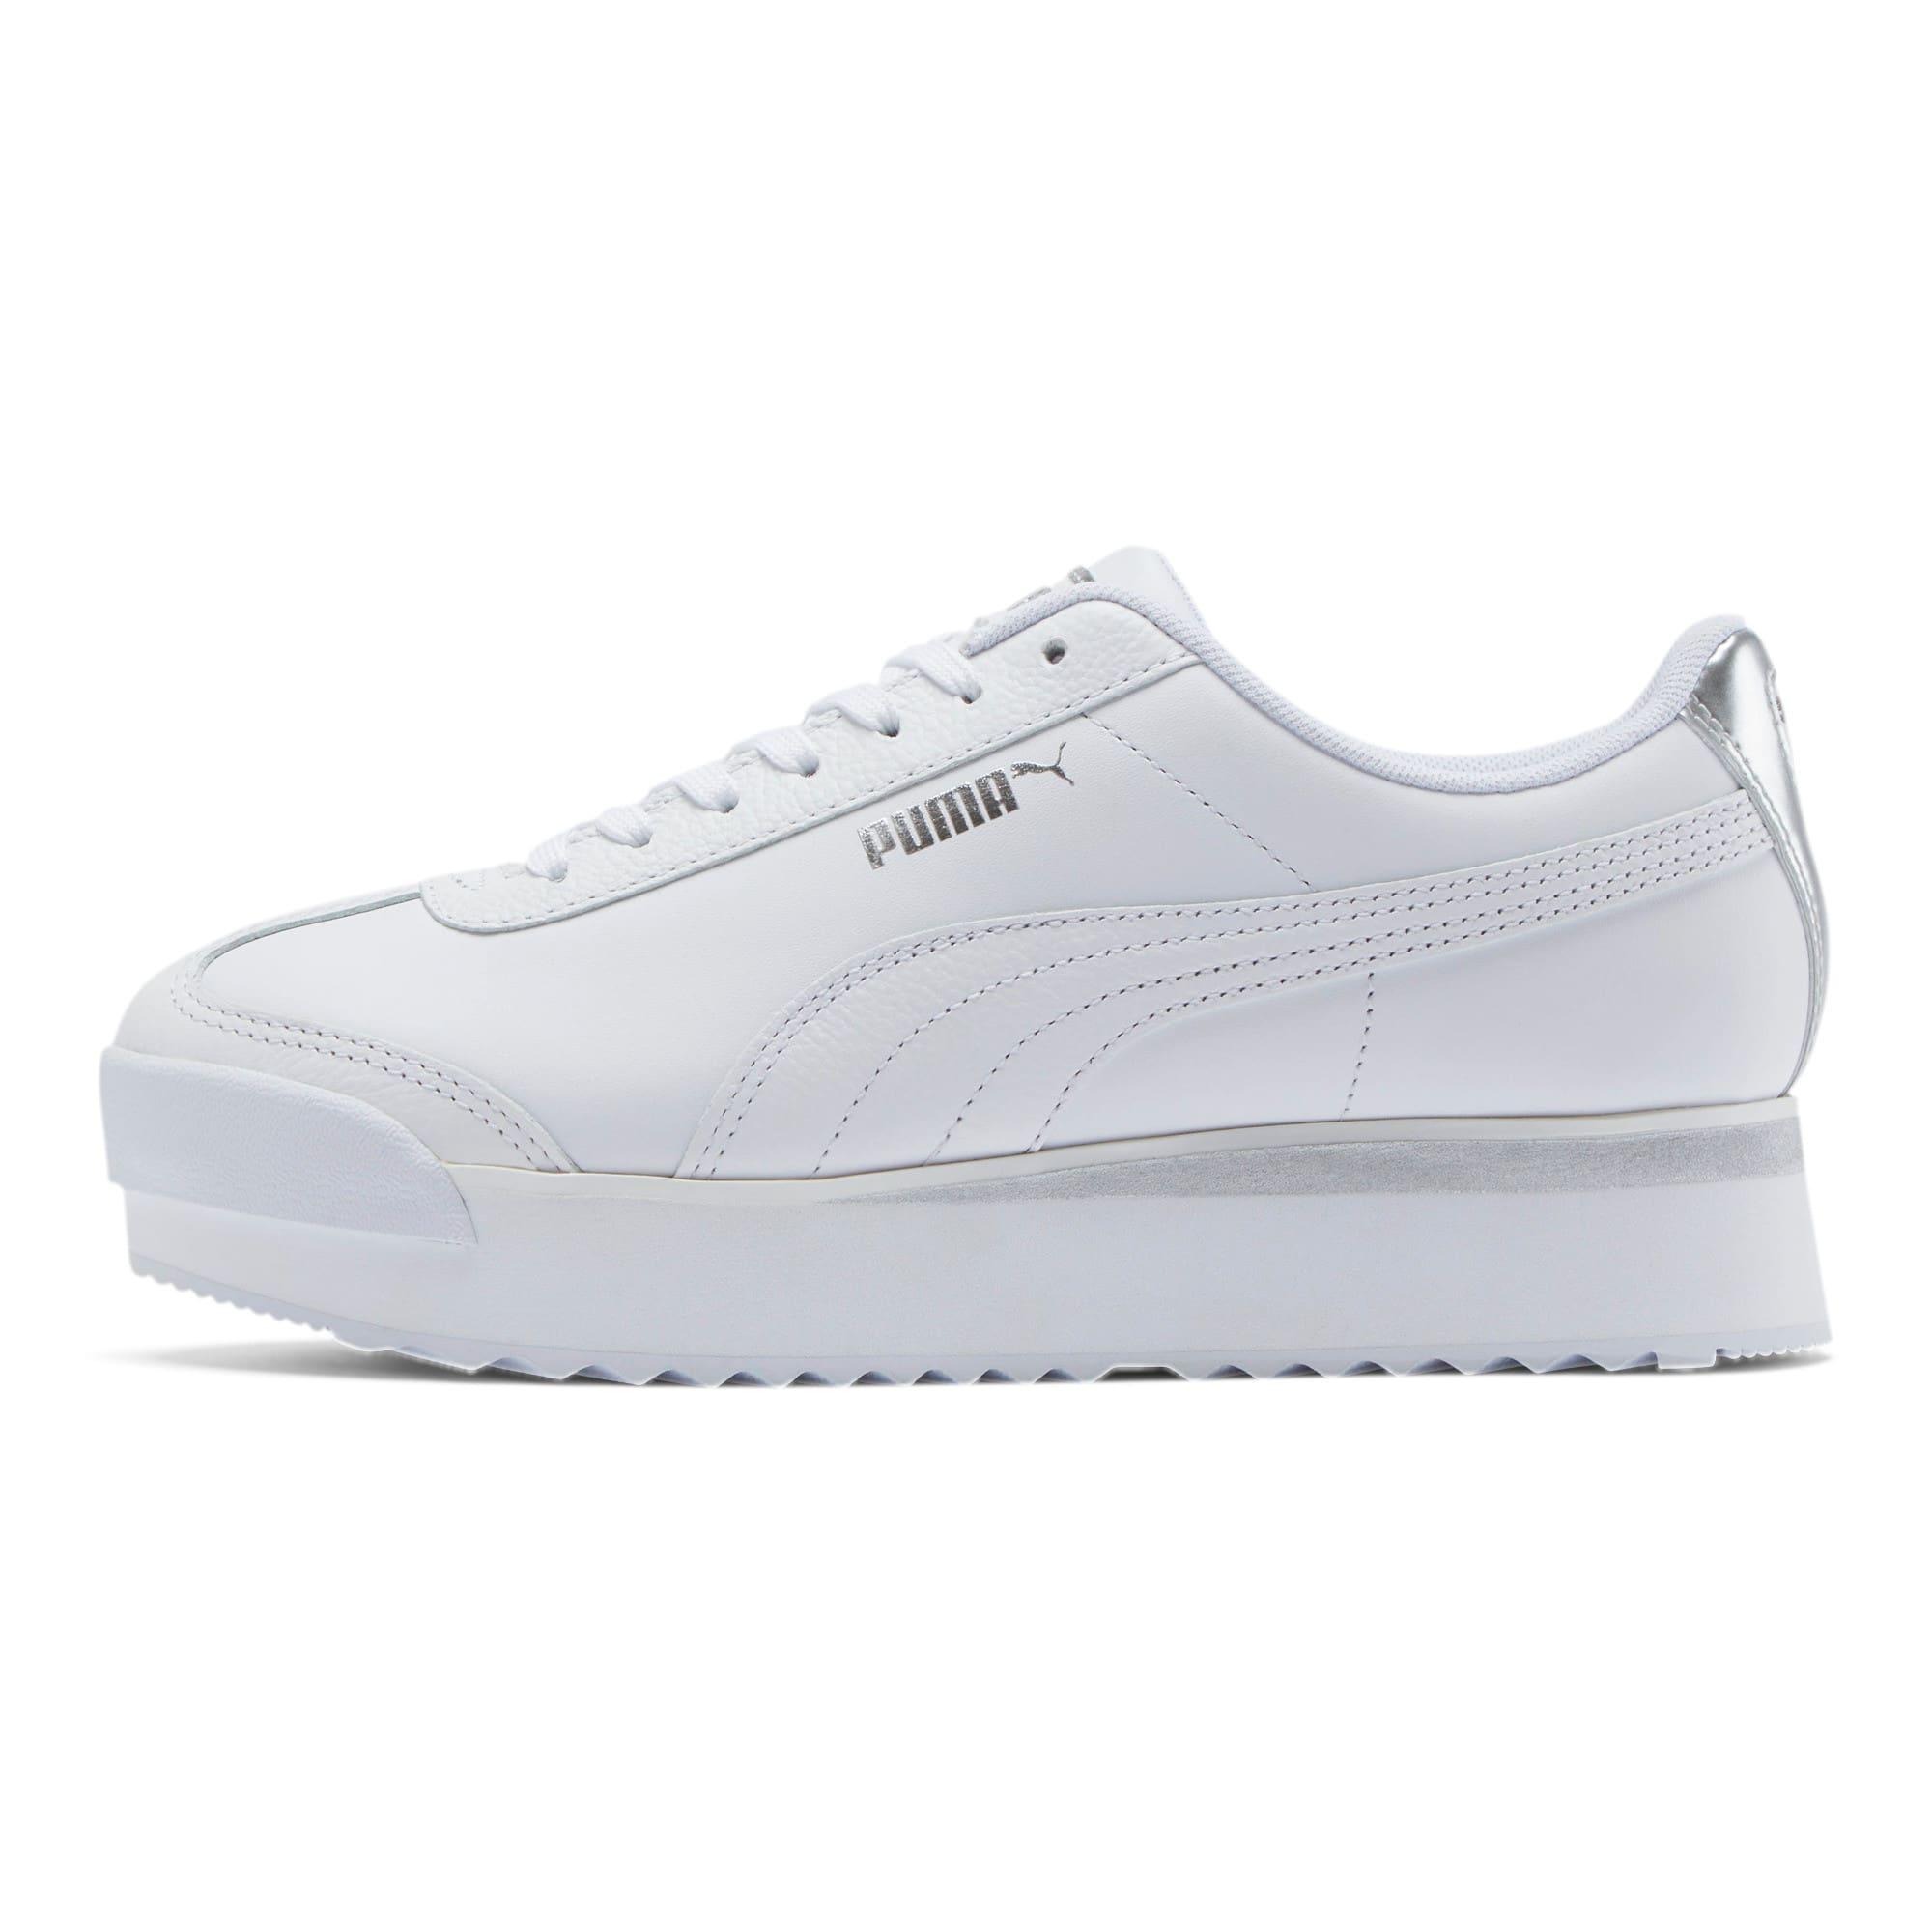 Thumbnail 1 of Roma Amor Leather Metallic Women's Sneakers, White-Whisper White-Silver, medium